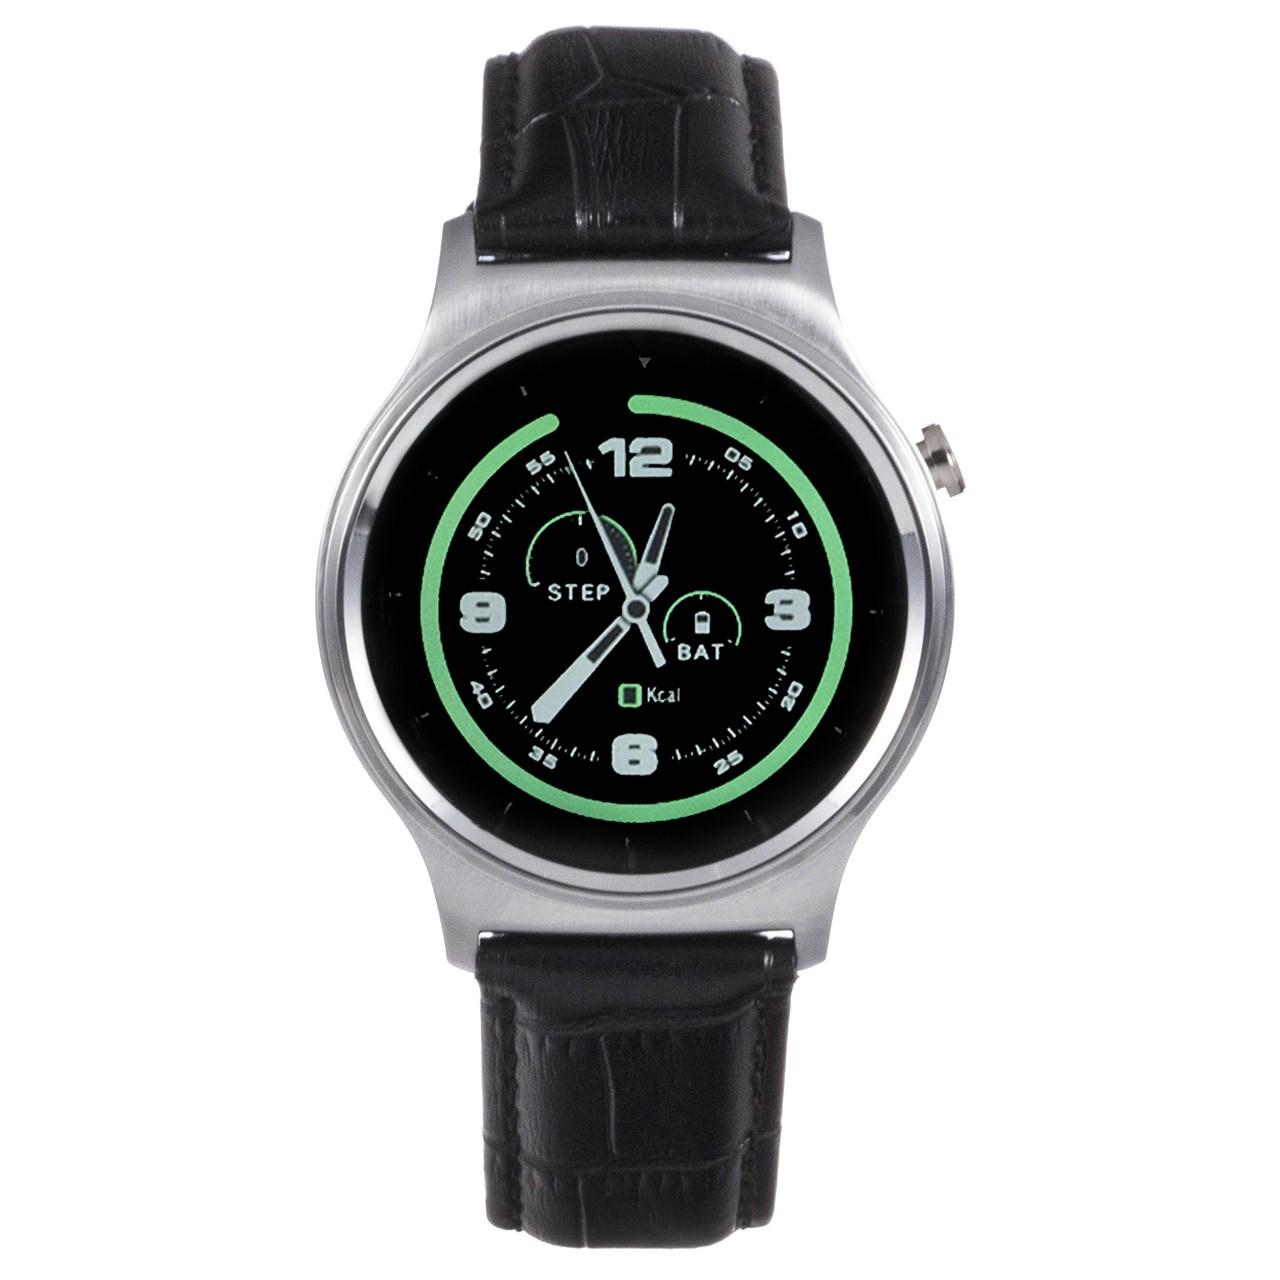 ساعت هوشمند تی تی وای جی موو مدل GW01 silver with black leather strap